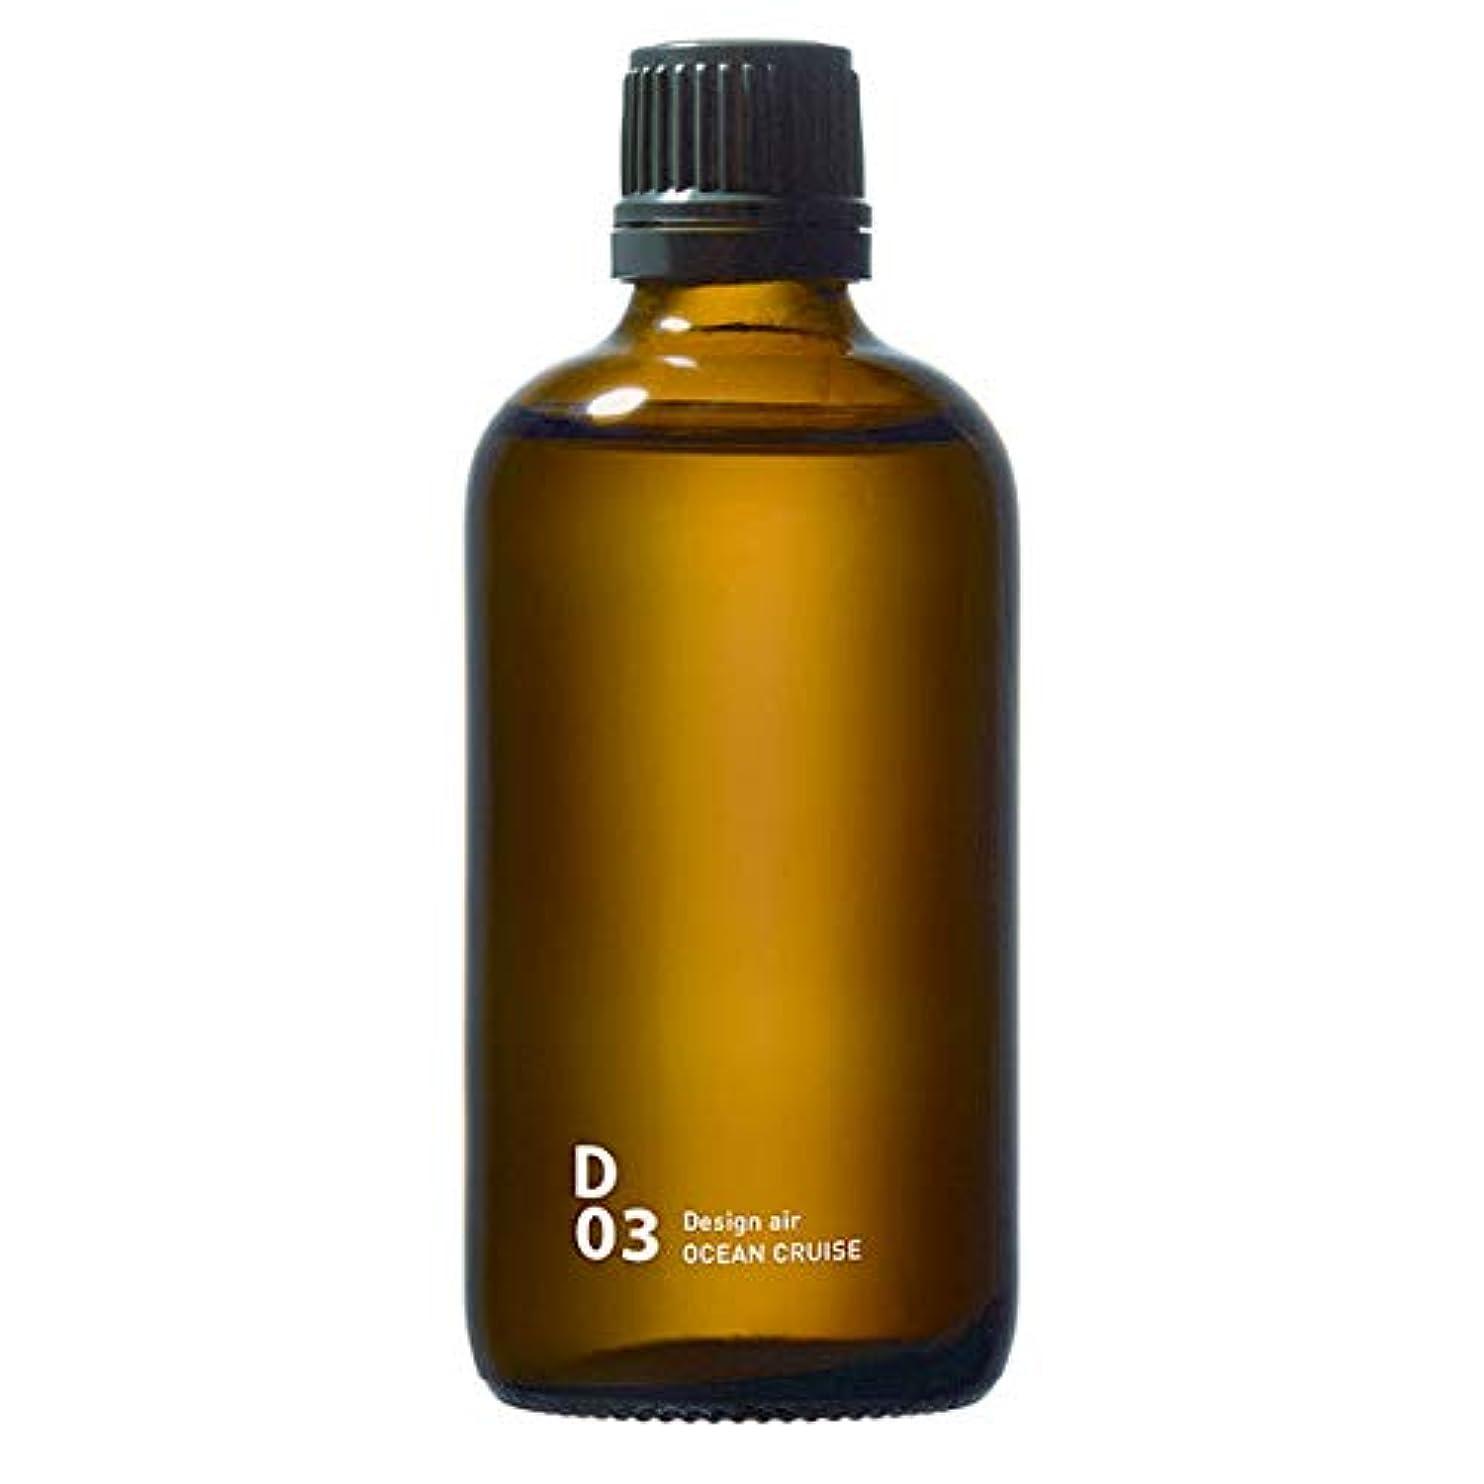 ルビー累計半円D03 OCEAN CRUISE piezo aroma oil 100ml